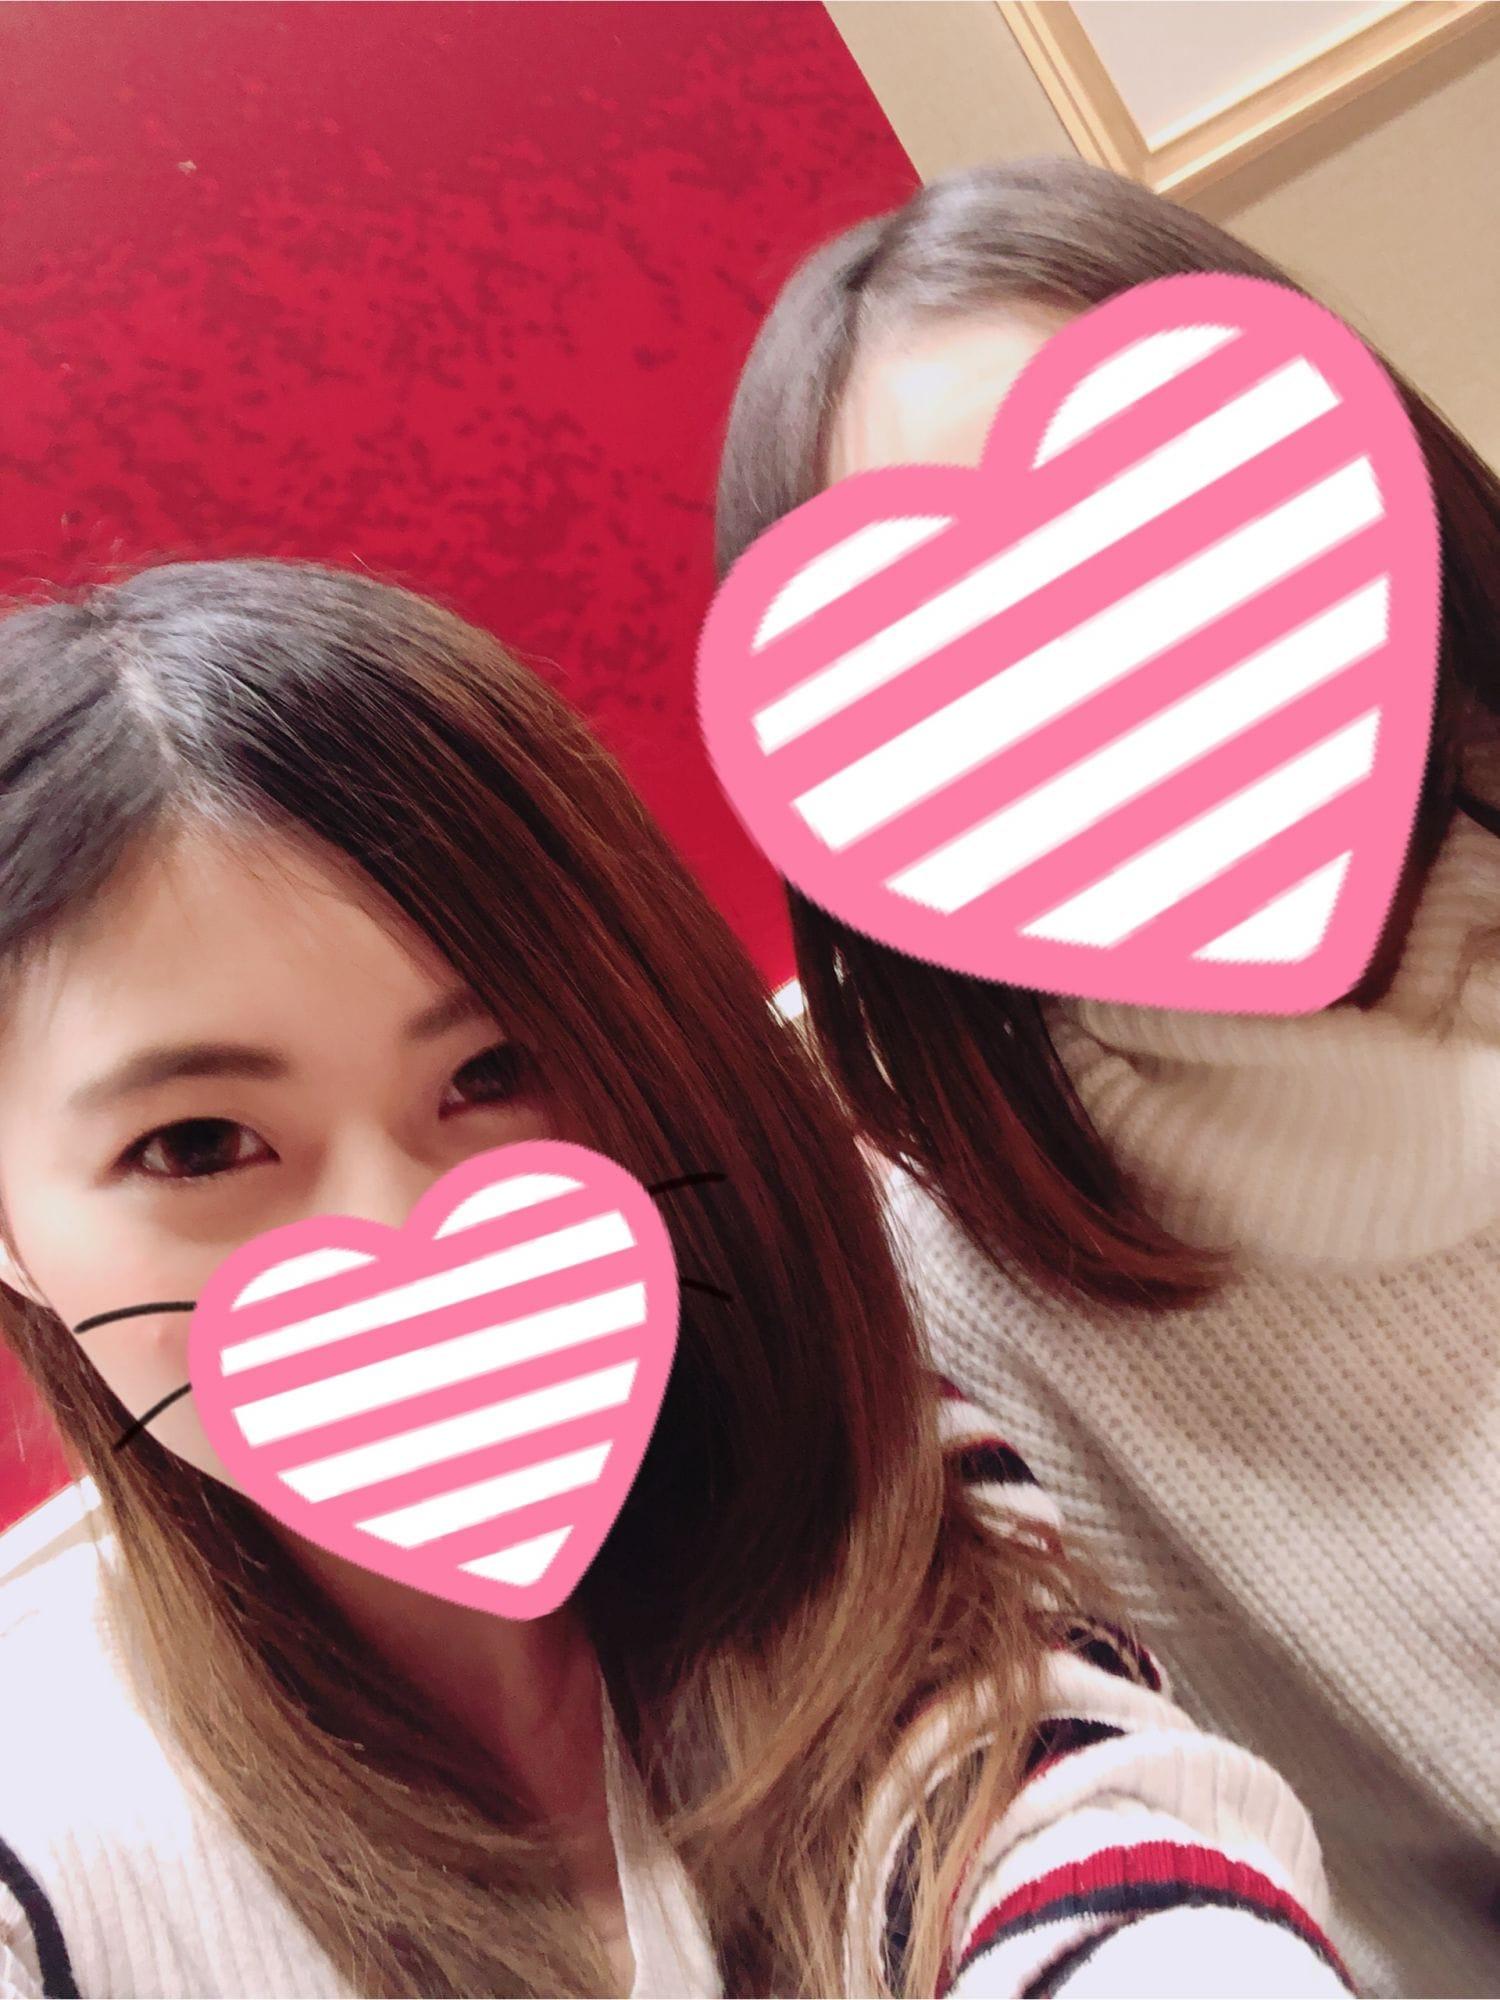 「こんにちは??」04/13(04/13) 12:41 | かいりの写メ・風俗動画